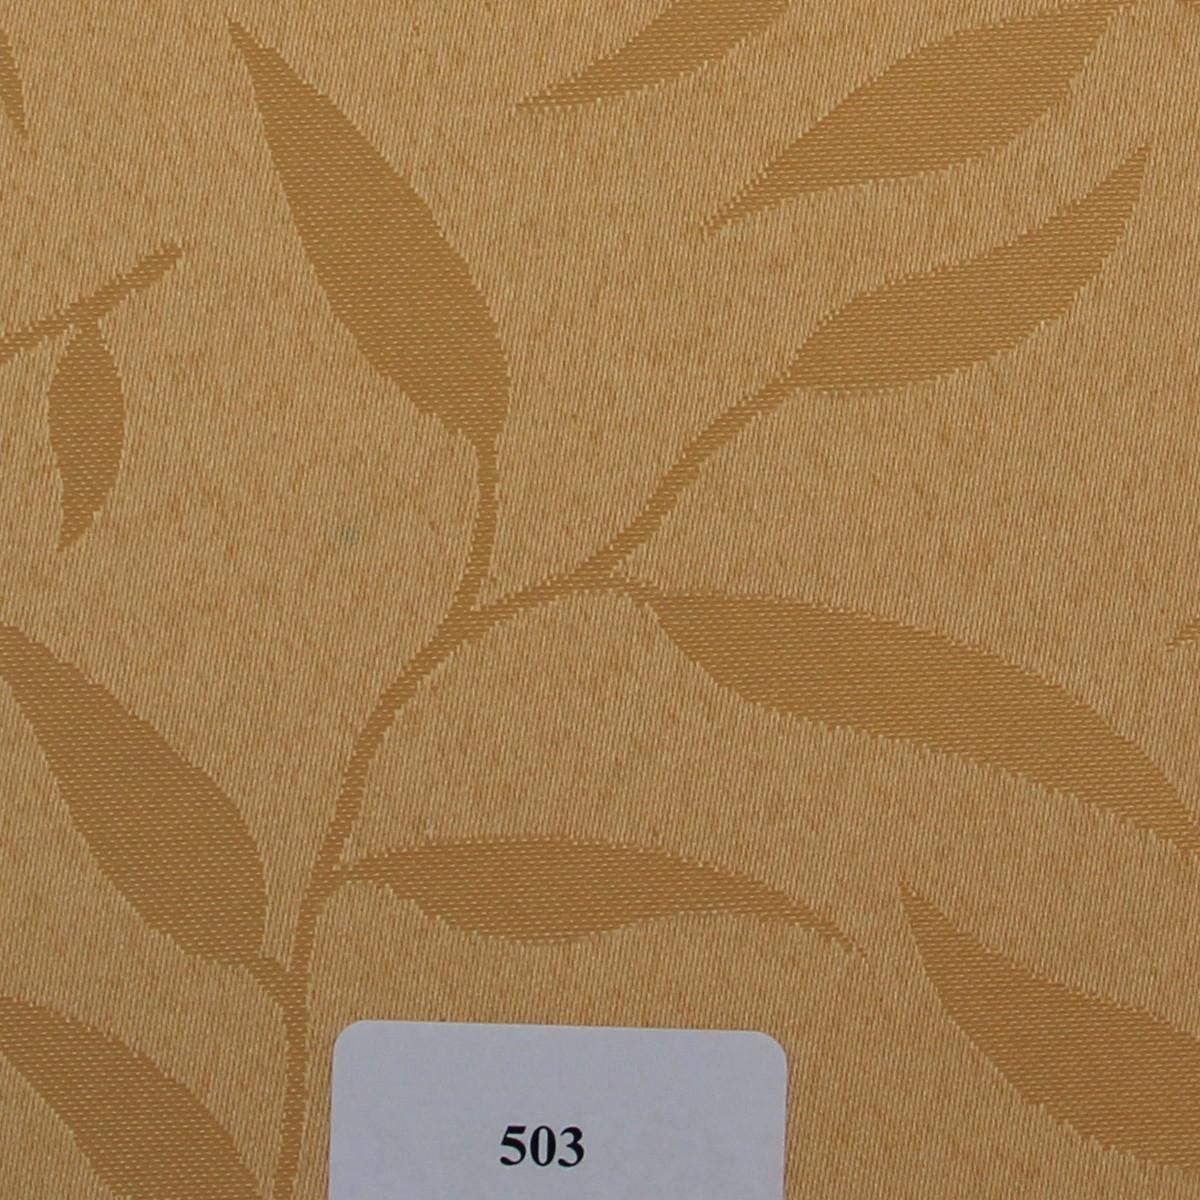 Рулонные шторы Ткань Натура 503 Ваниль